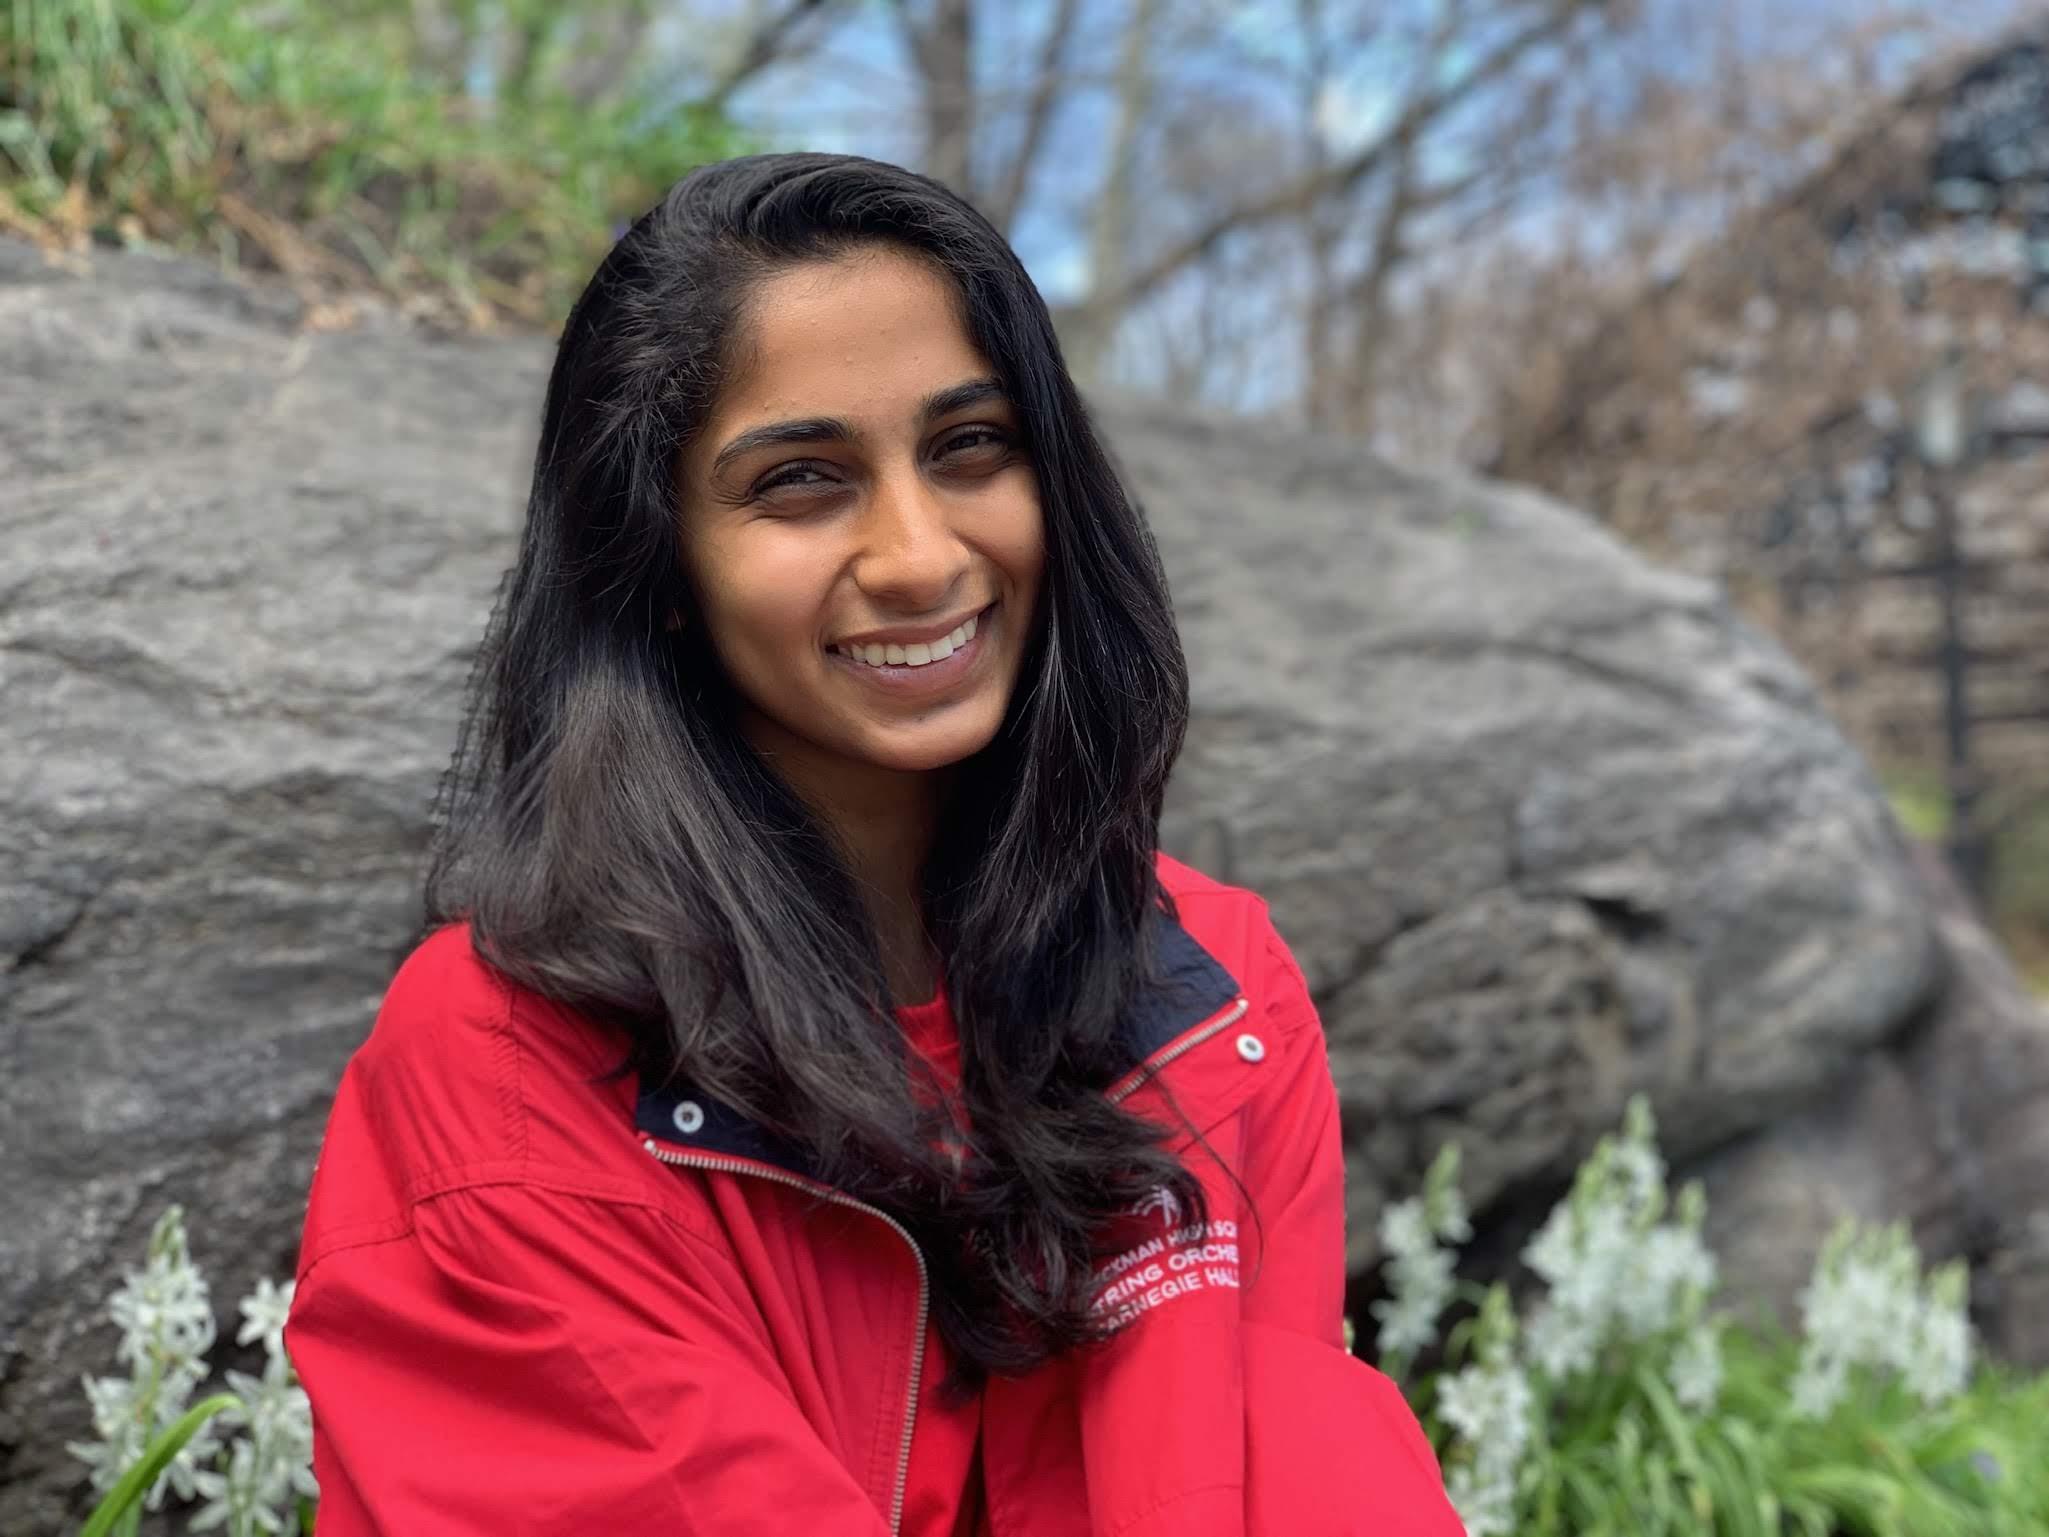 Karina Patel